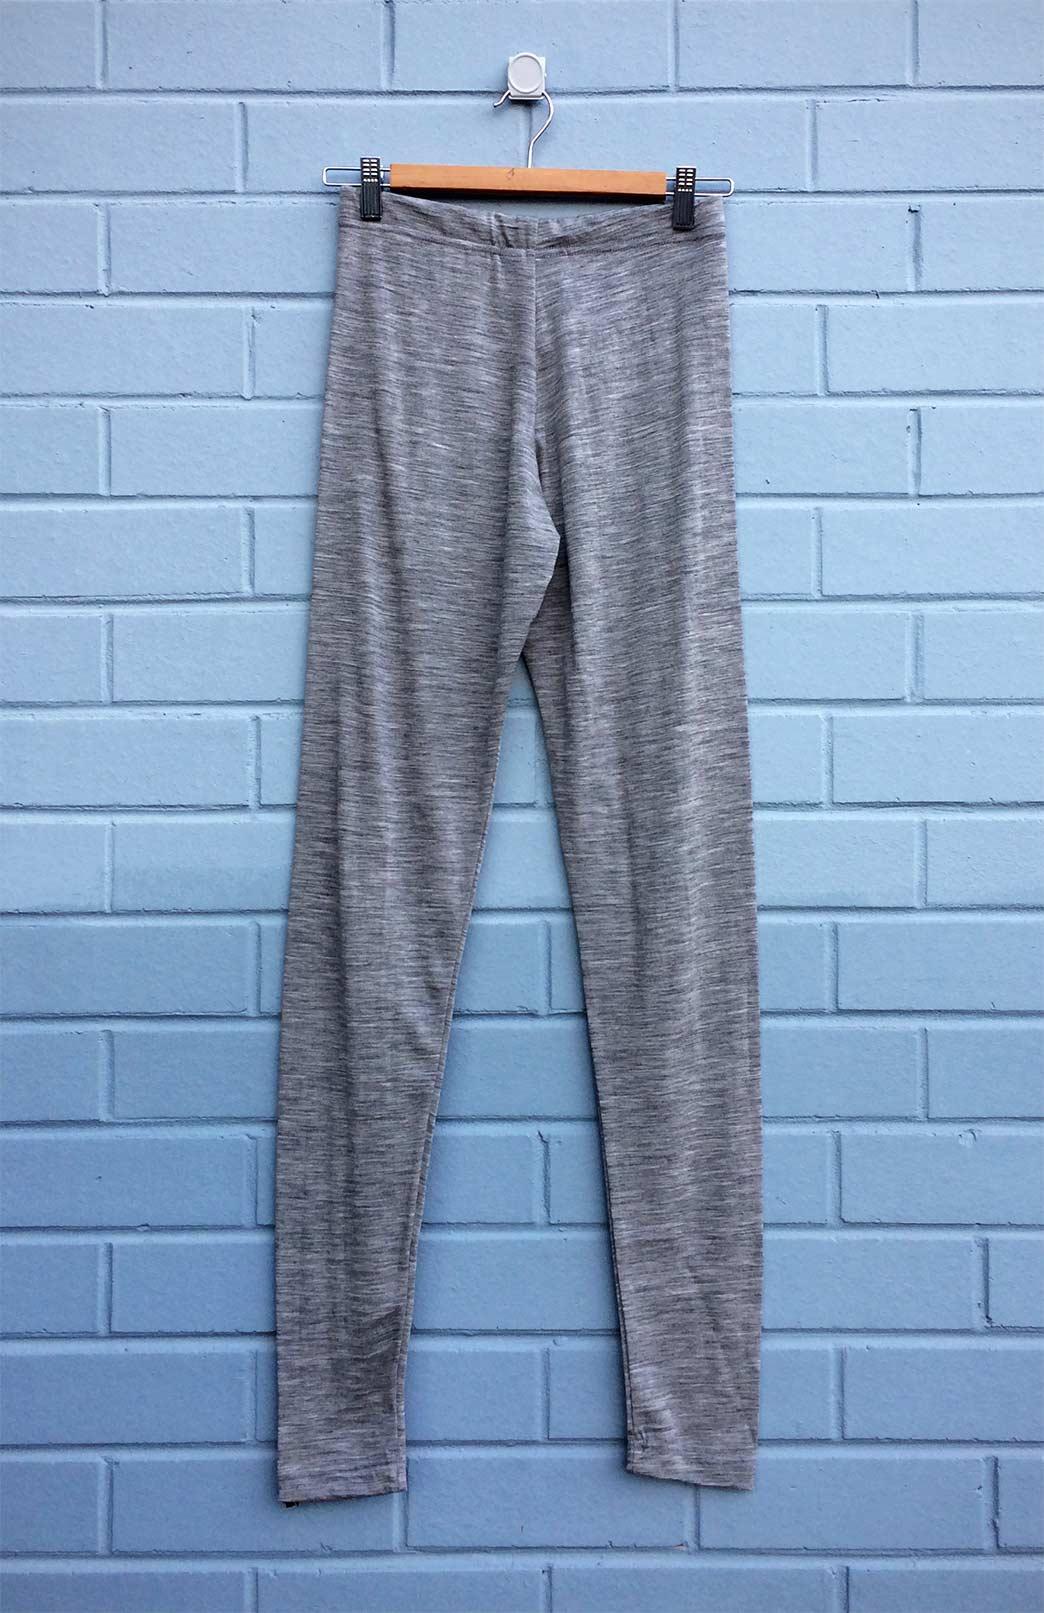 Men's Leggings - 180g - Mens Light Grey Lightweight 100% Superfine Merino Wool Thermal Leggings - Smitten Merino Tasmania Australia